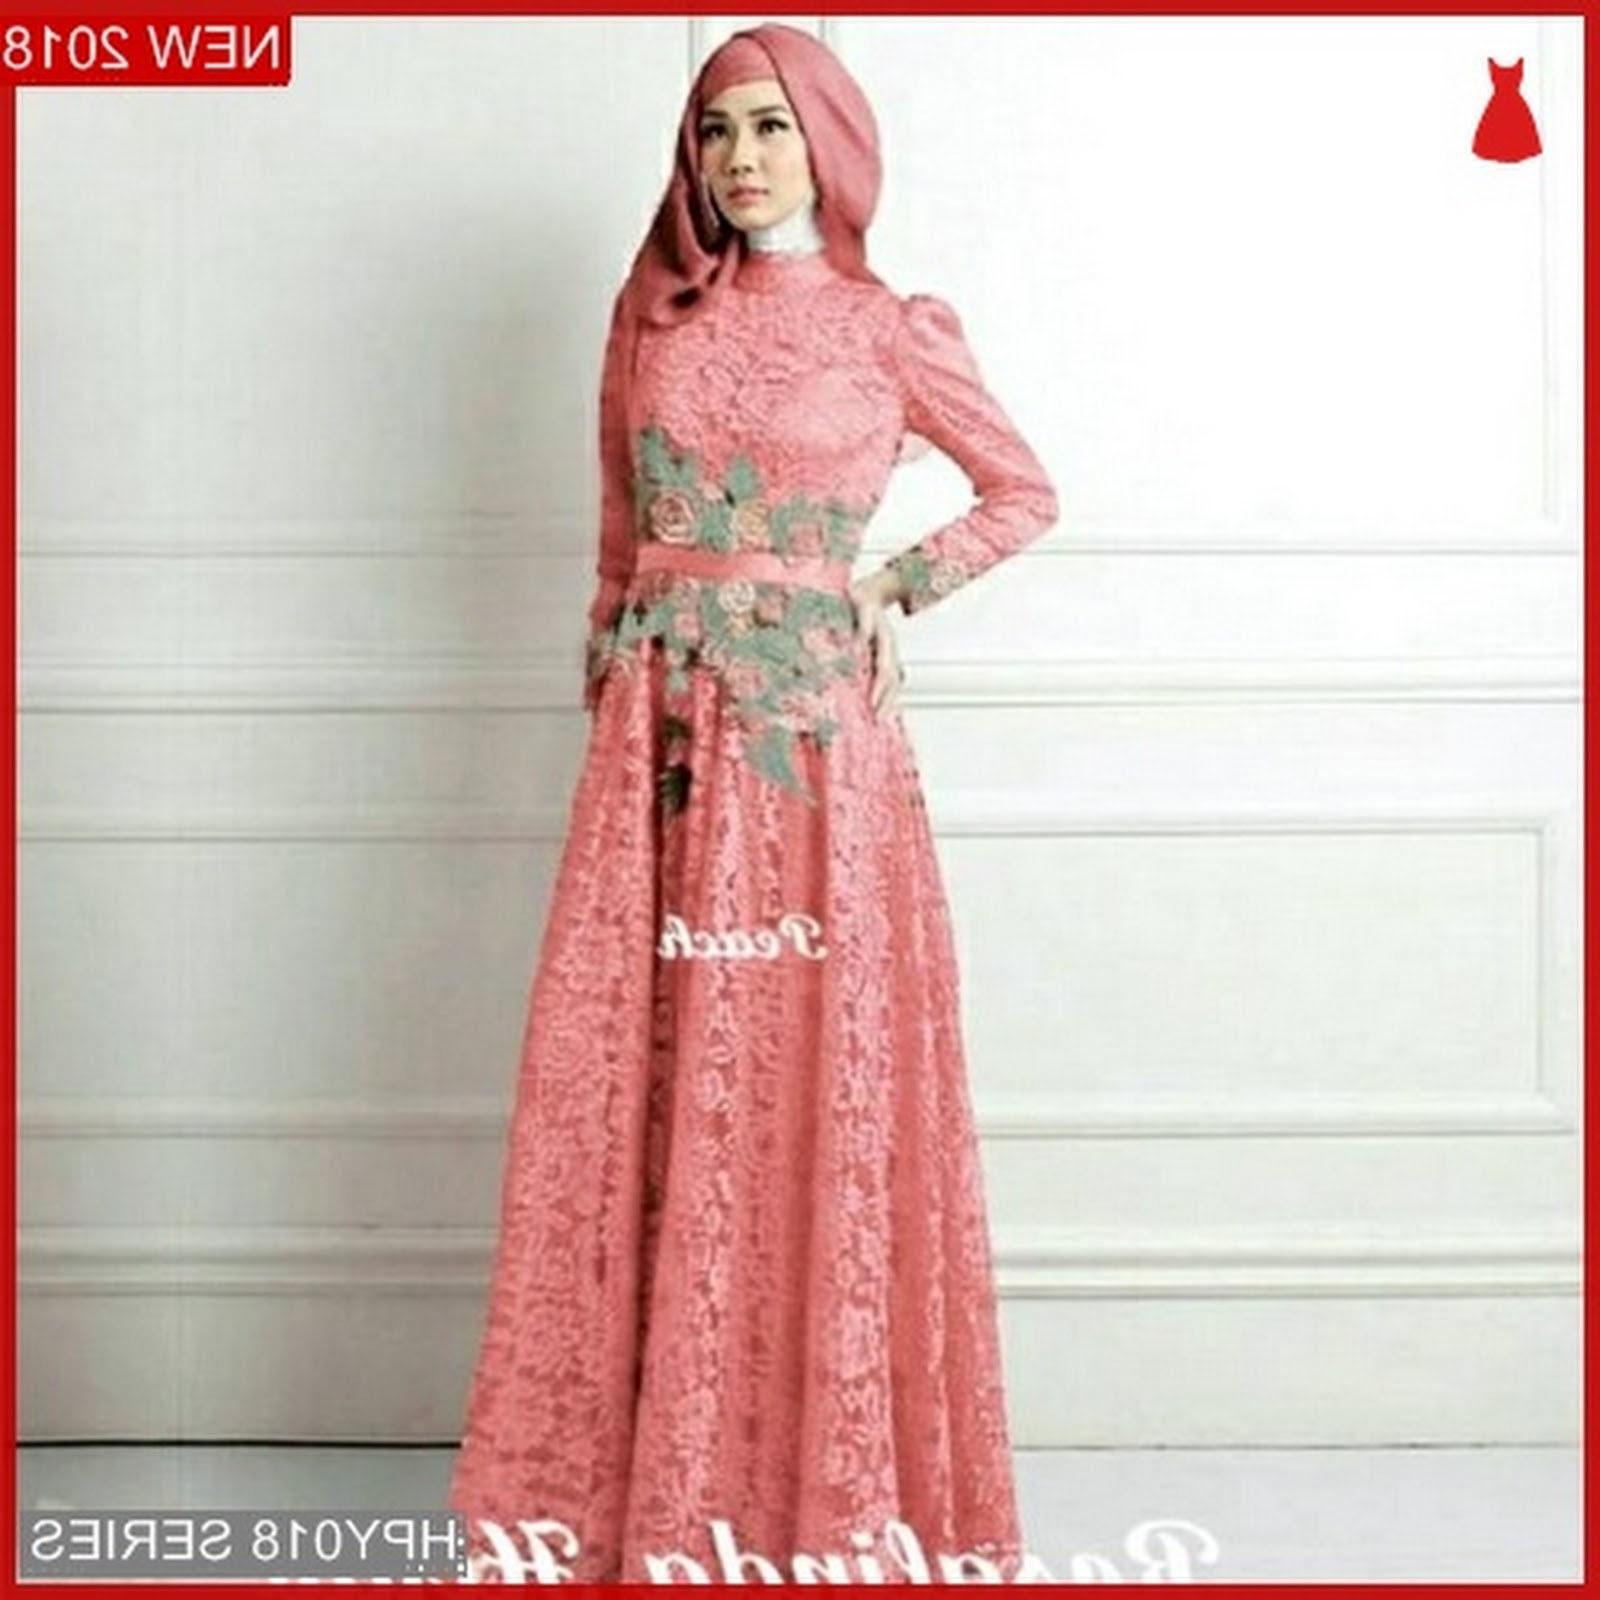 Bentuk Setelan Baju Lebaran Xtd6 Dapatkan Baju Muslim Lebaran Paling Keren Terbaru Di Bmg